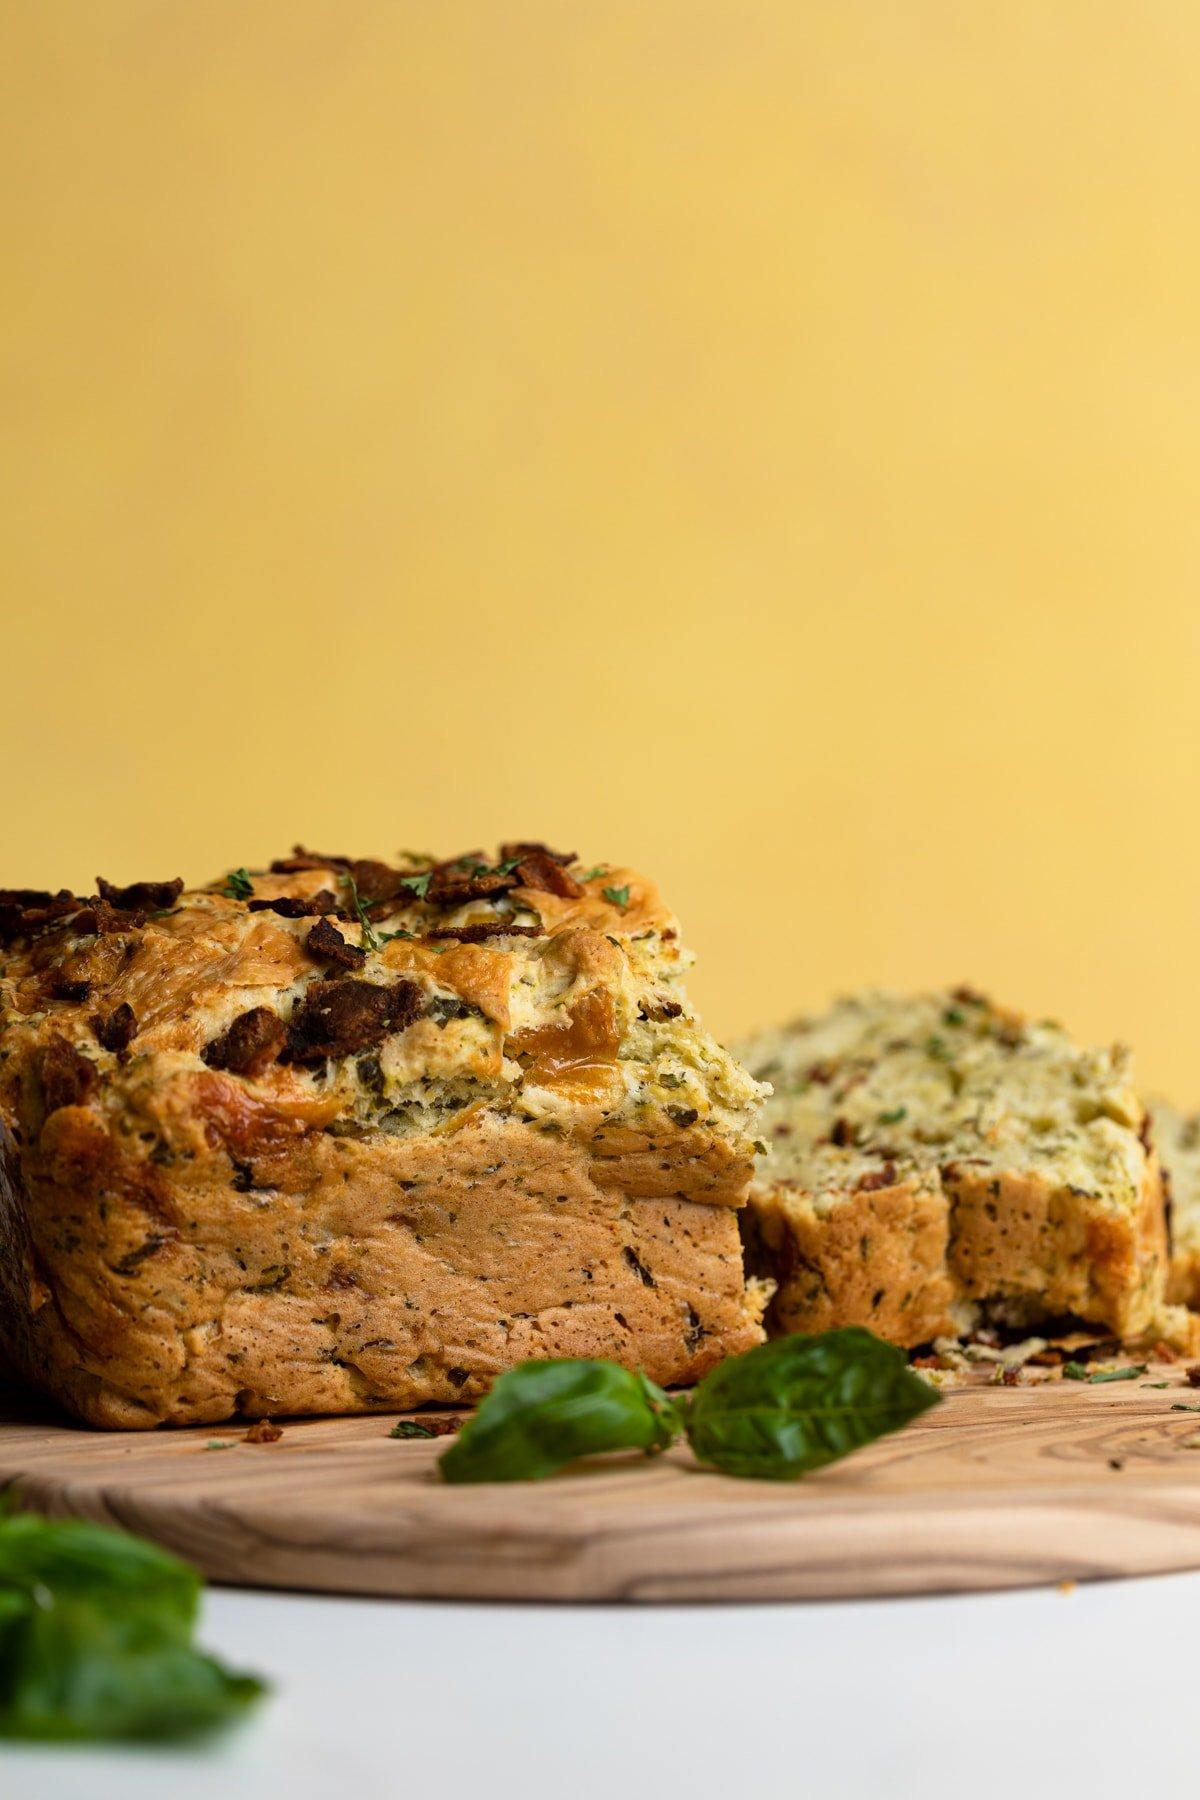 Loaded Cheddar Pesto Zucchini Bread with Bacon